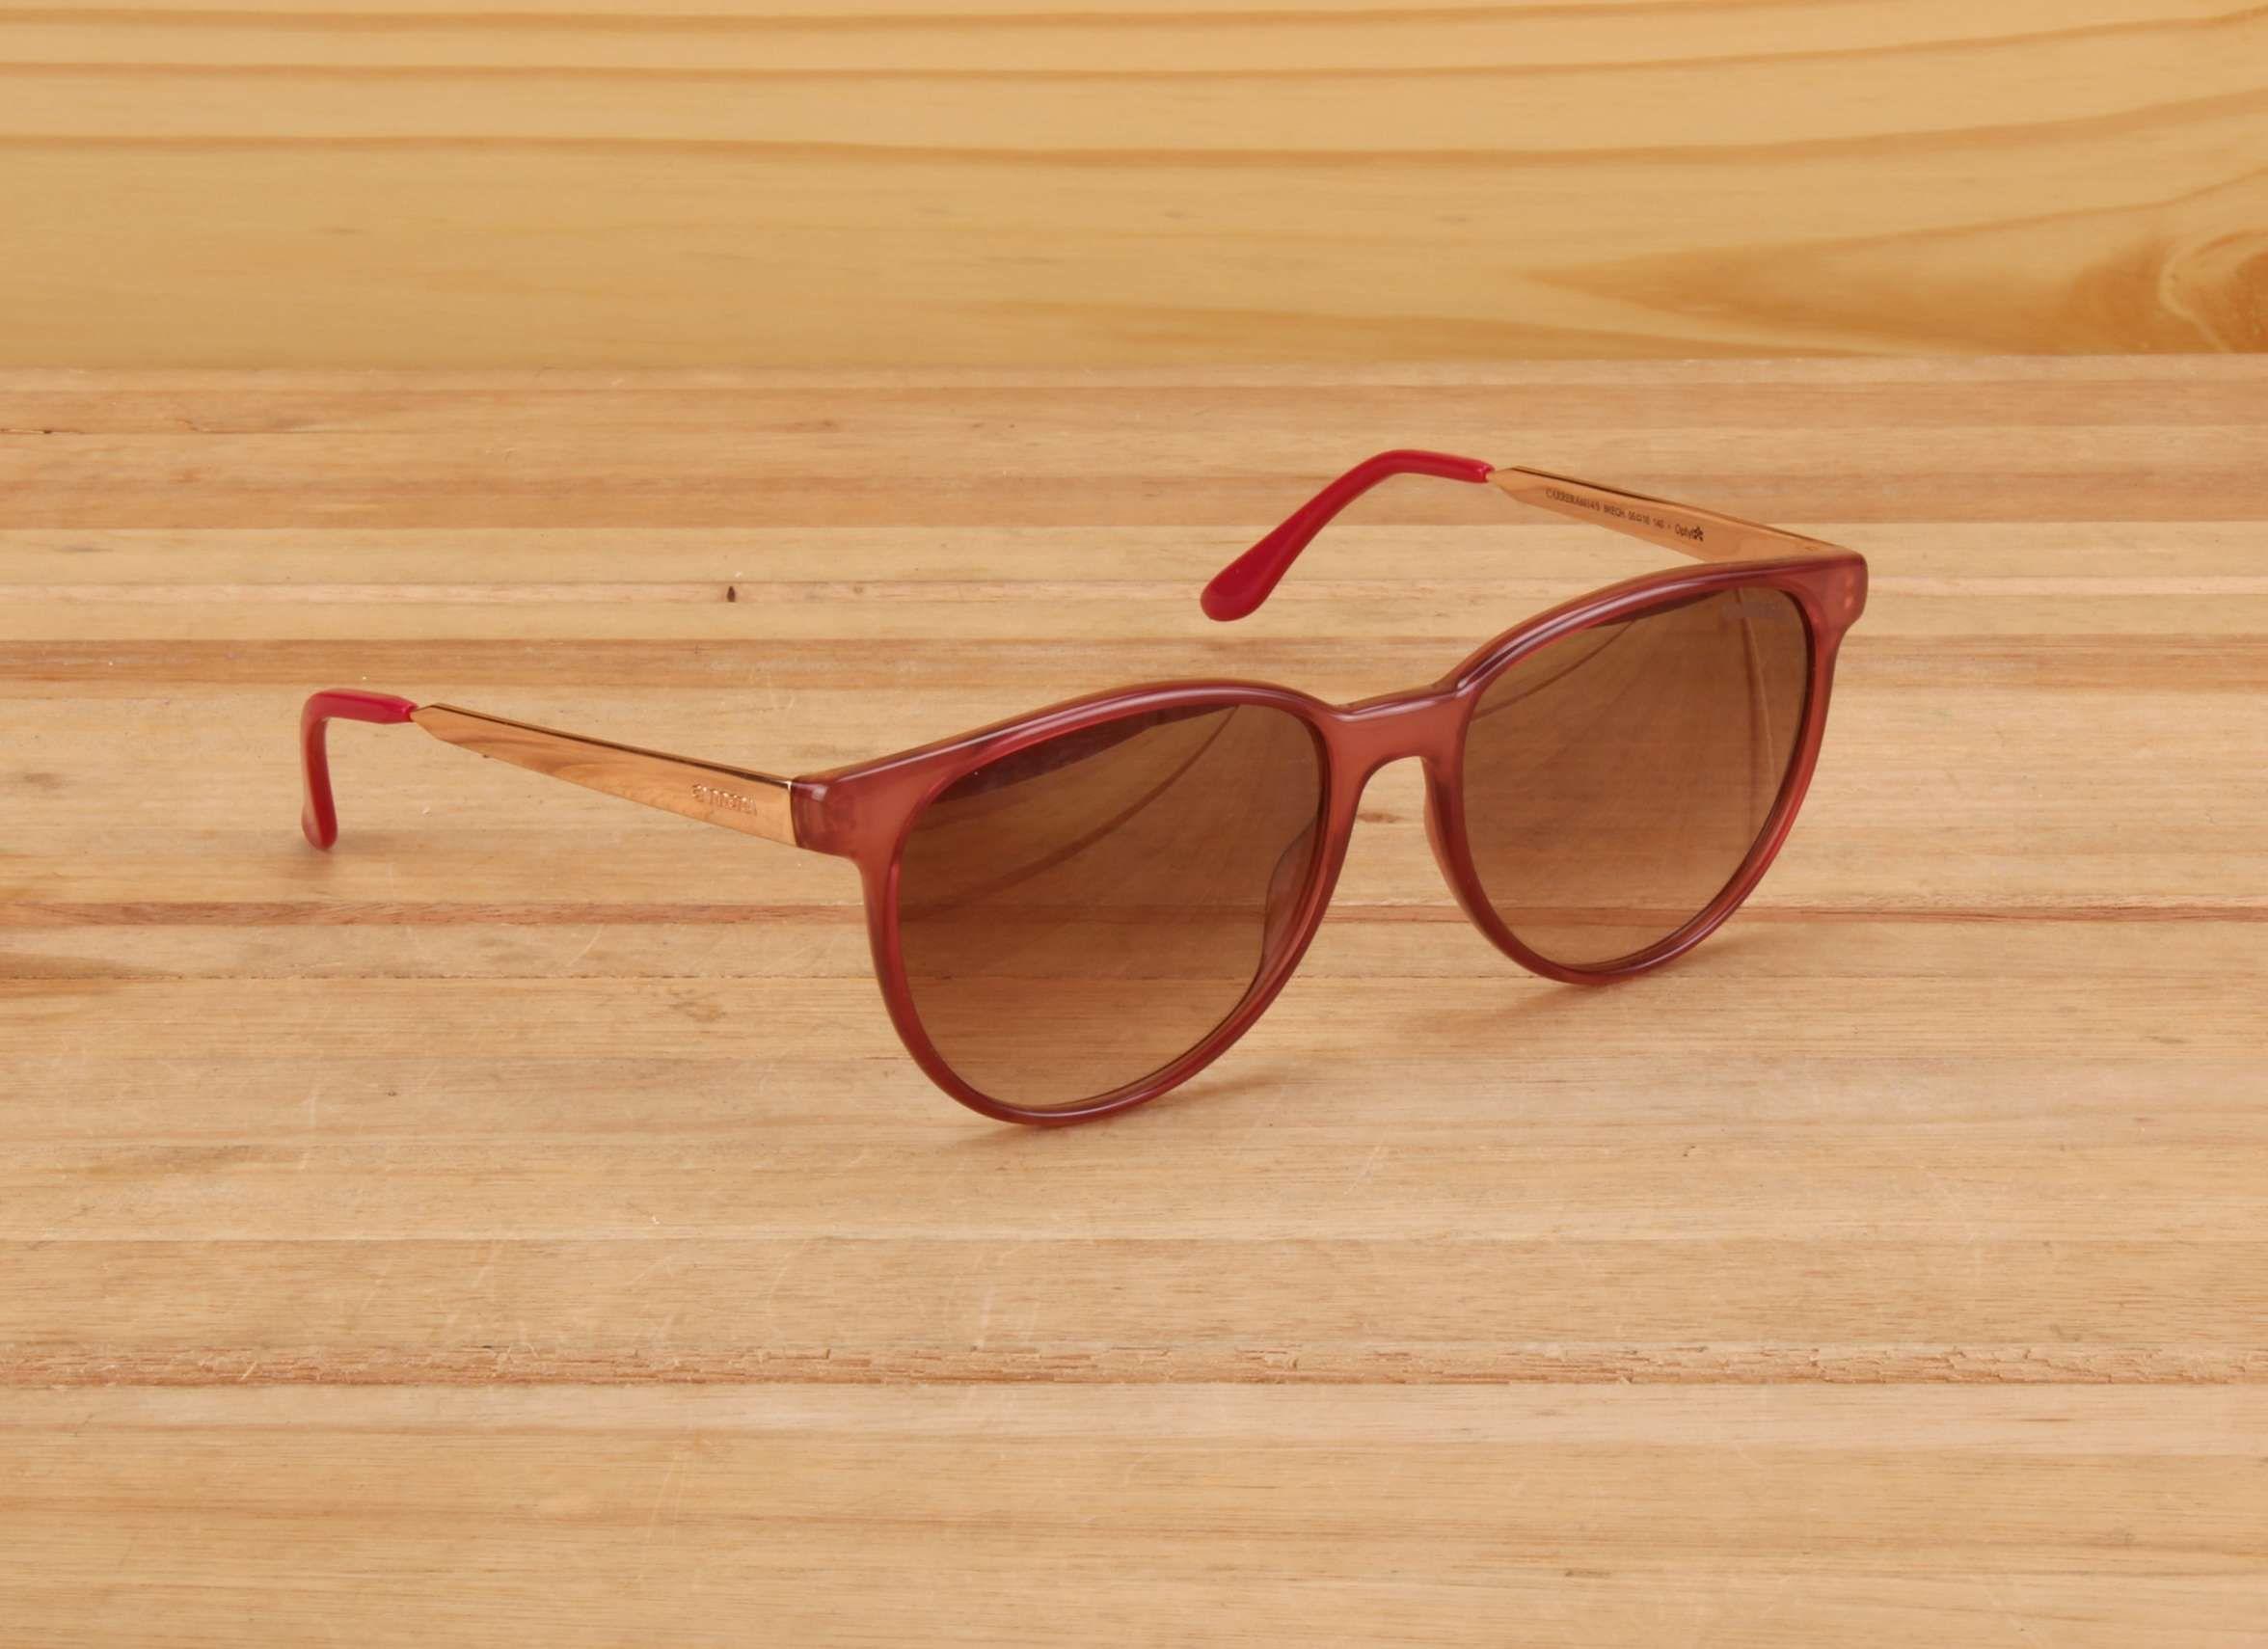 óculos escuros   Óculos escuros minha paixão..   Pinterest   Carrera ... ec10b9c658